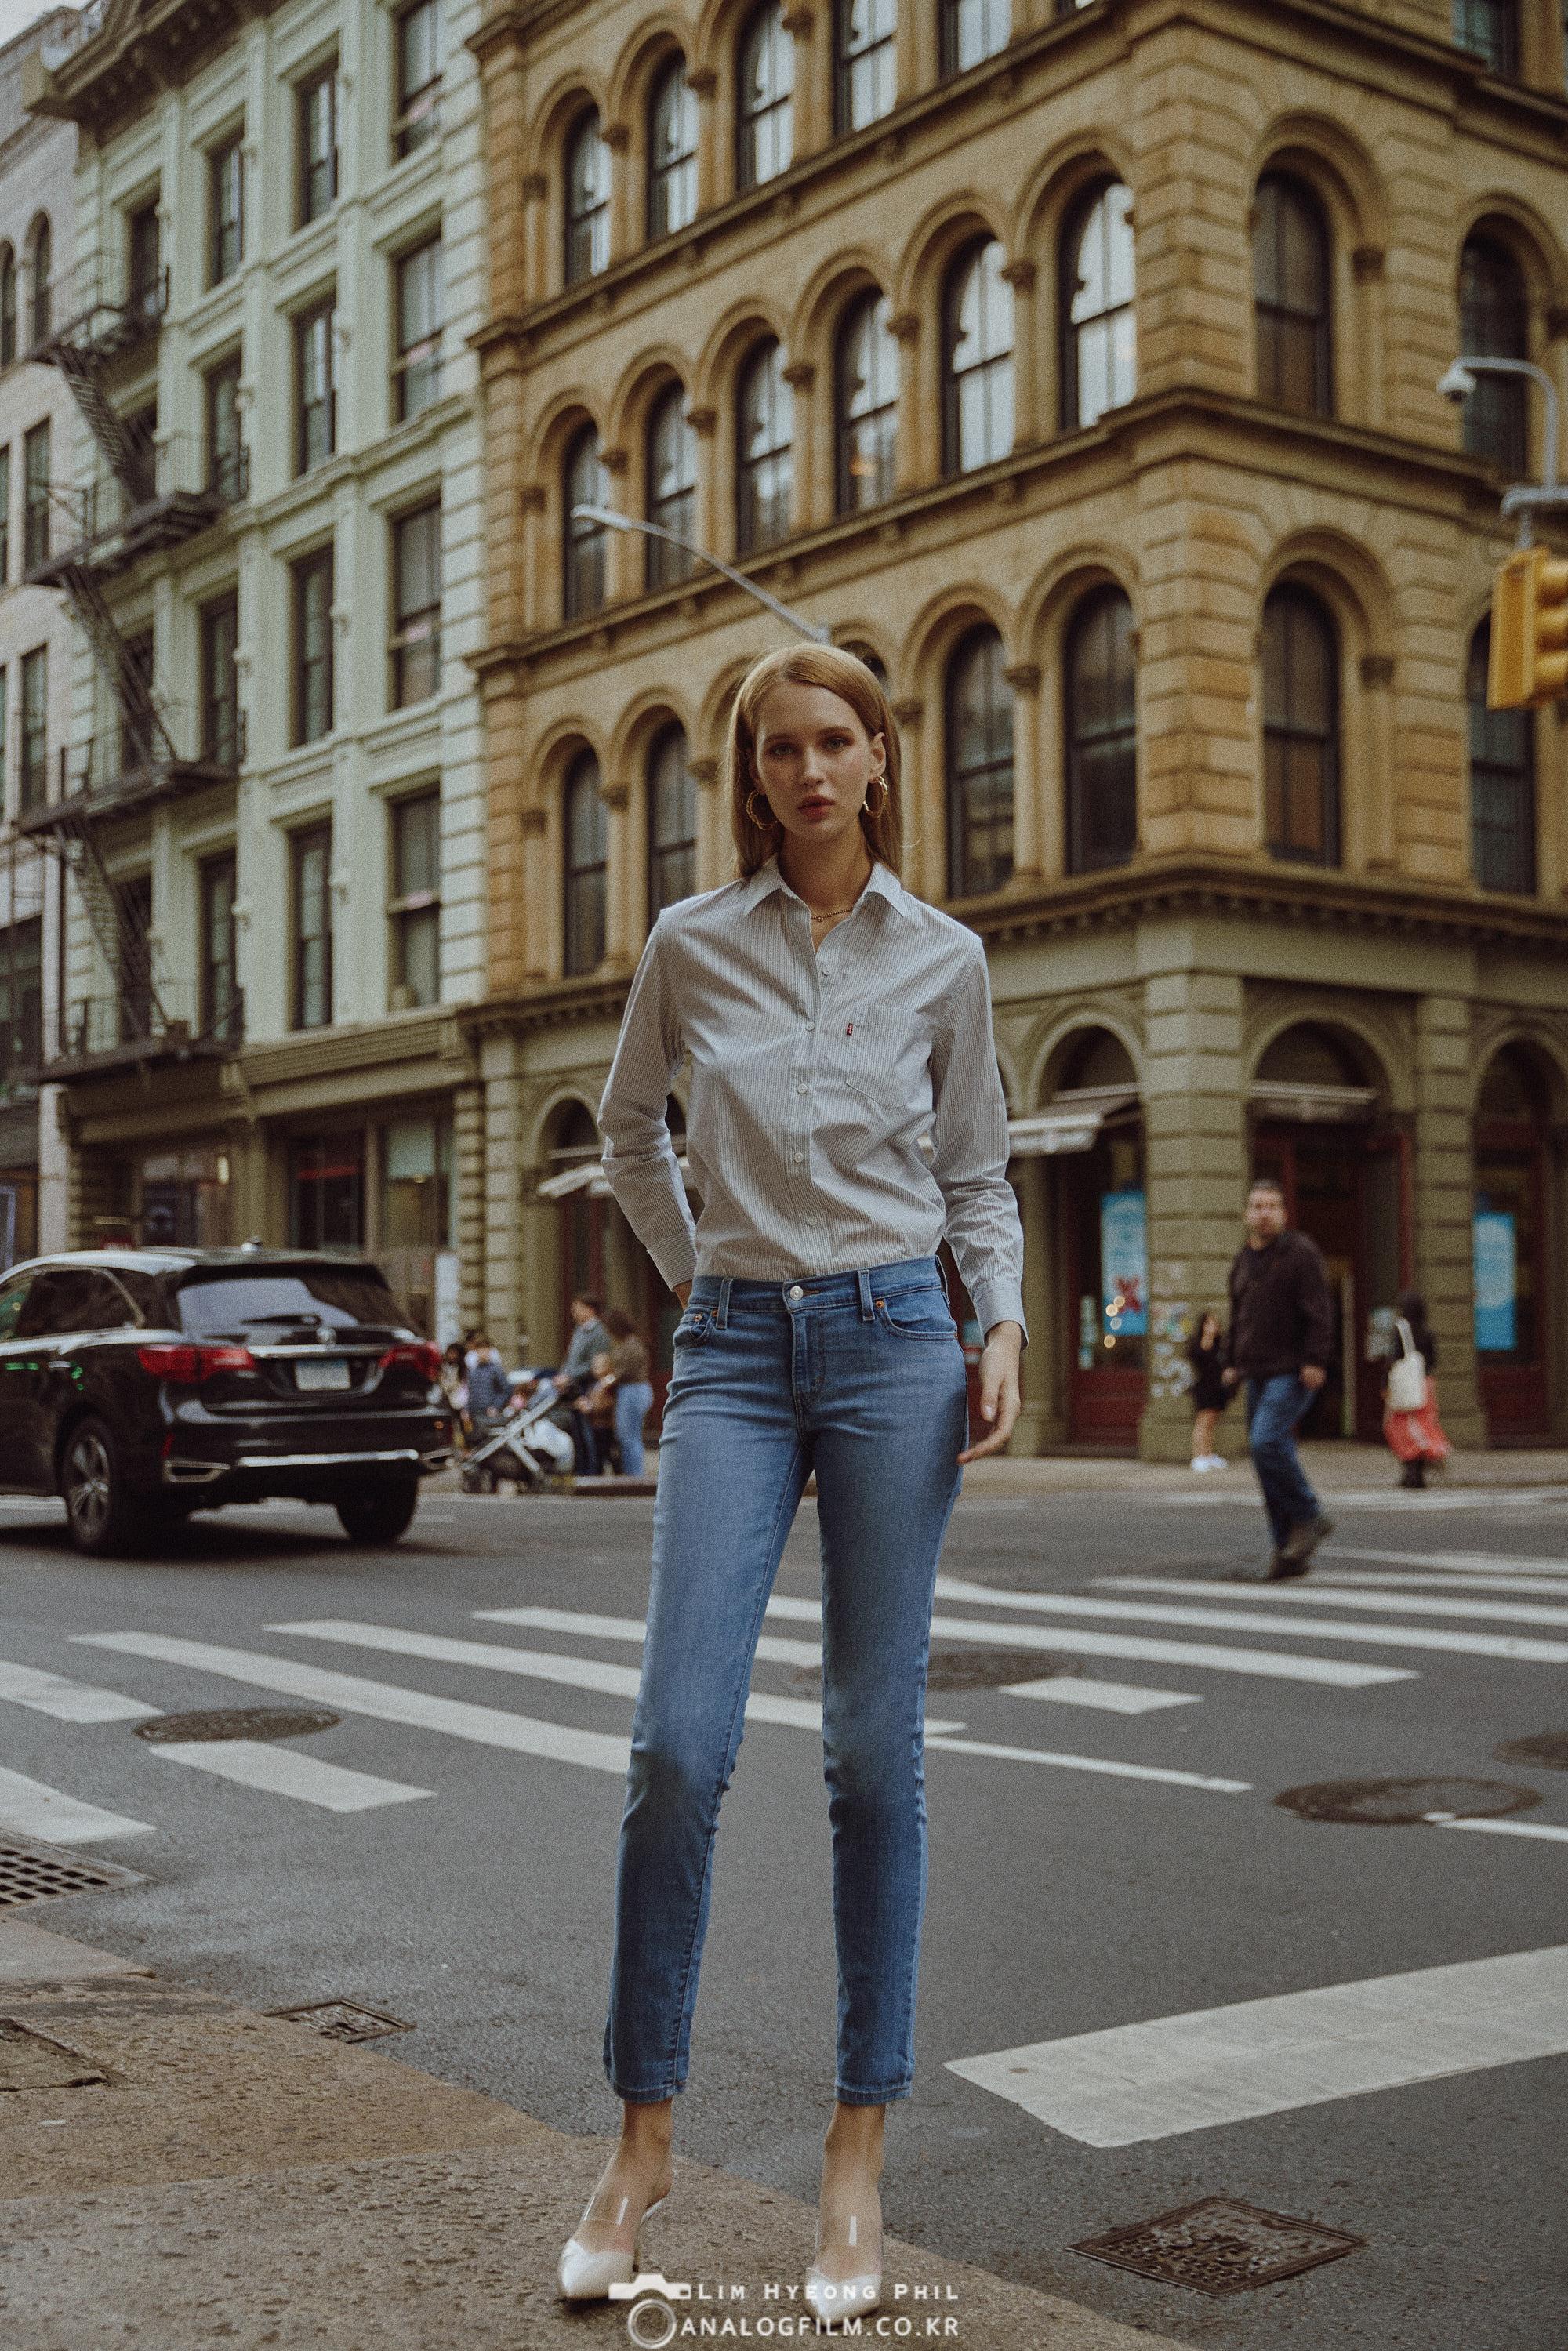 2020-01-11_newyork1451